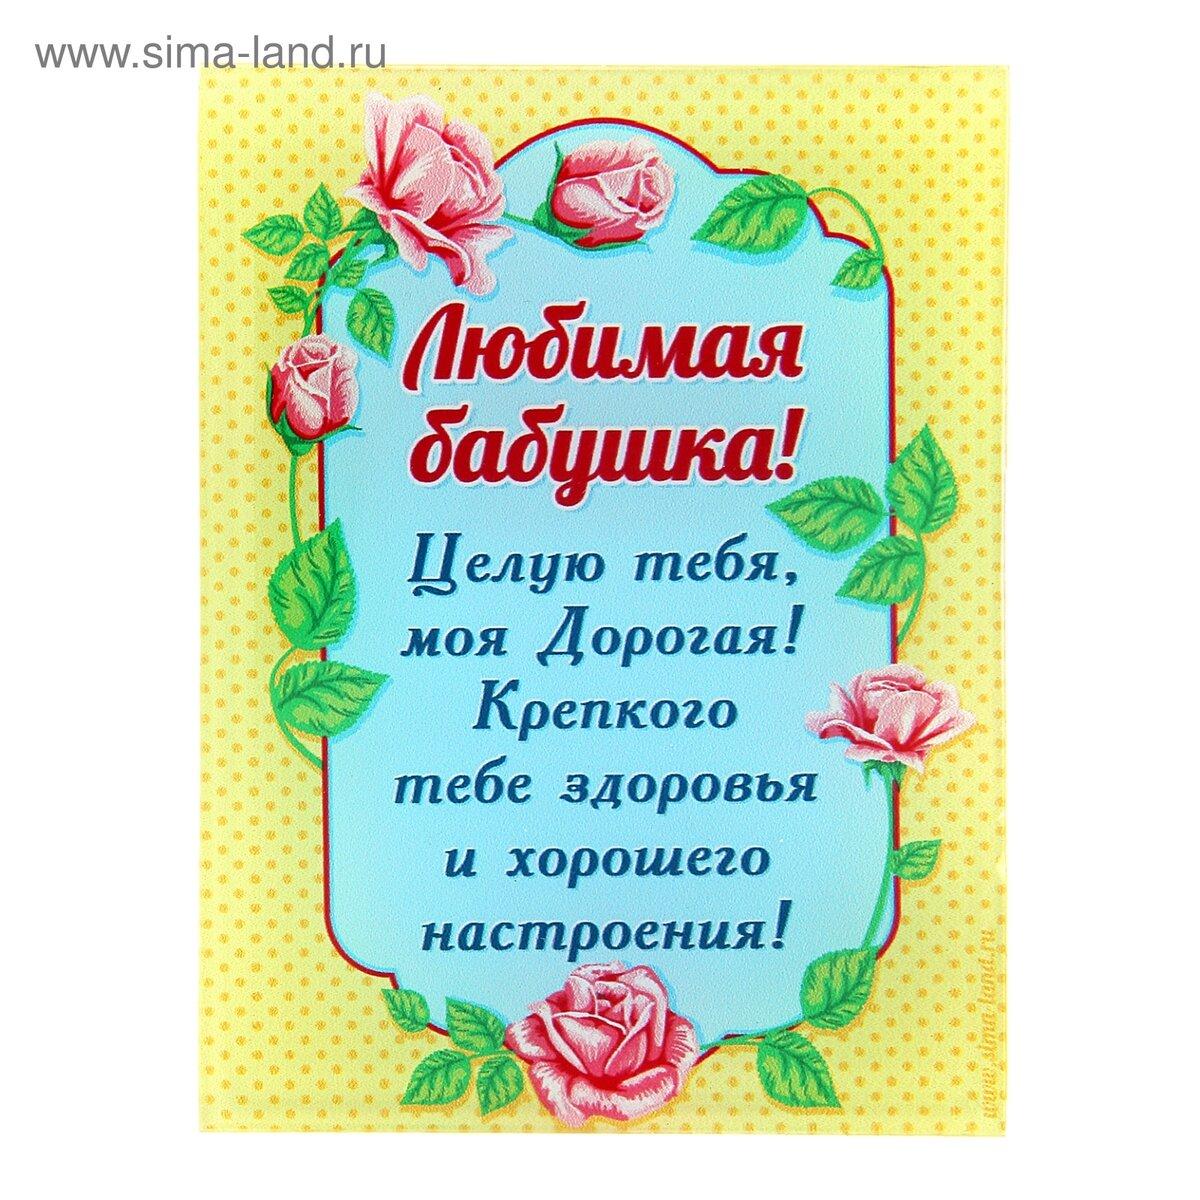 С днем рождения поздравления бабушку от детей